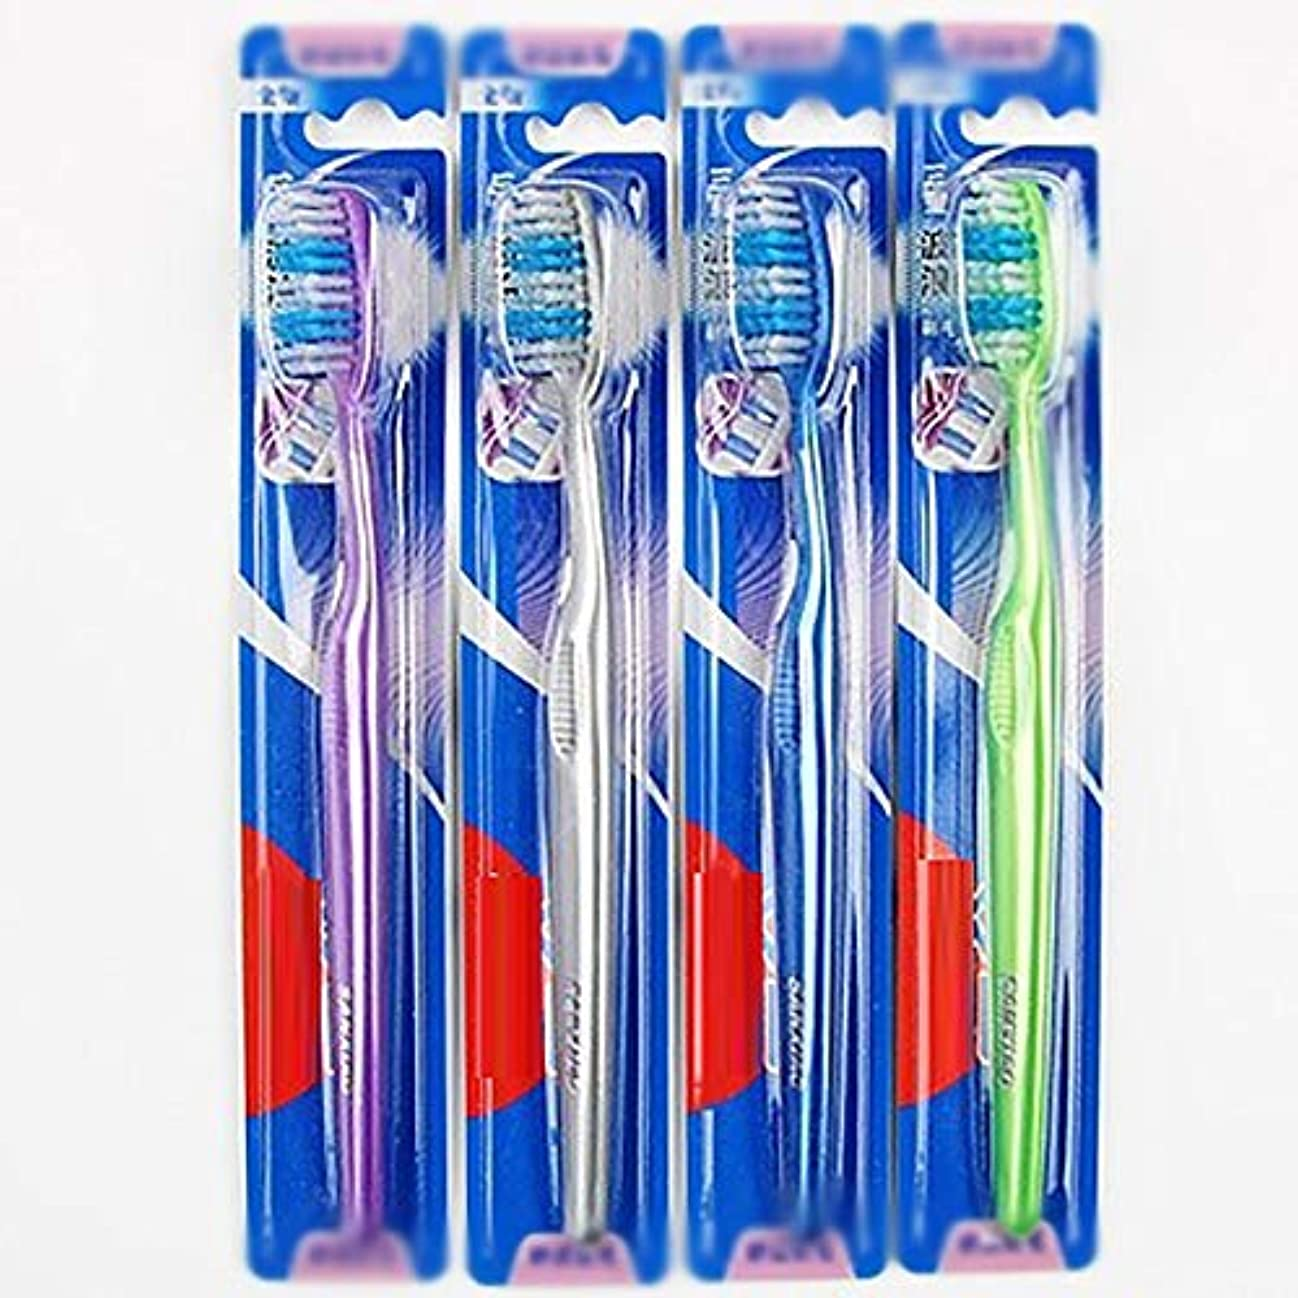 と組むミニチュアビュッフェ歯ブラシ 30歯ブラシ、快適な柔らかい歯ブラシ、大人歯ブラシ - 使用可能なスタイルの2種類 KHL (色 : B, サイズ : 30 packs)